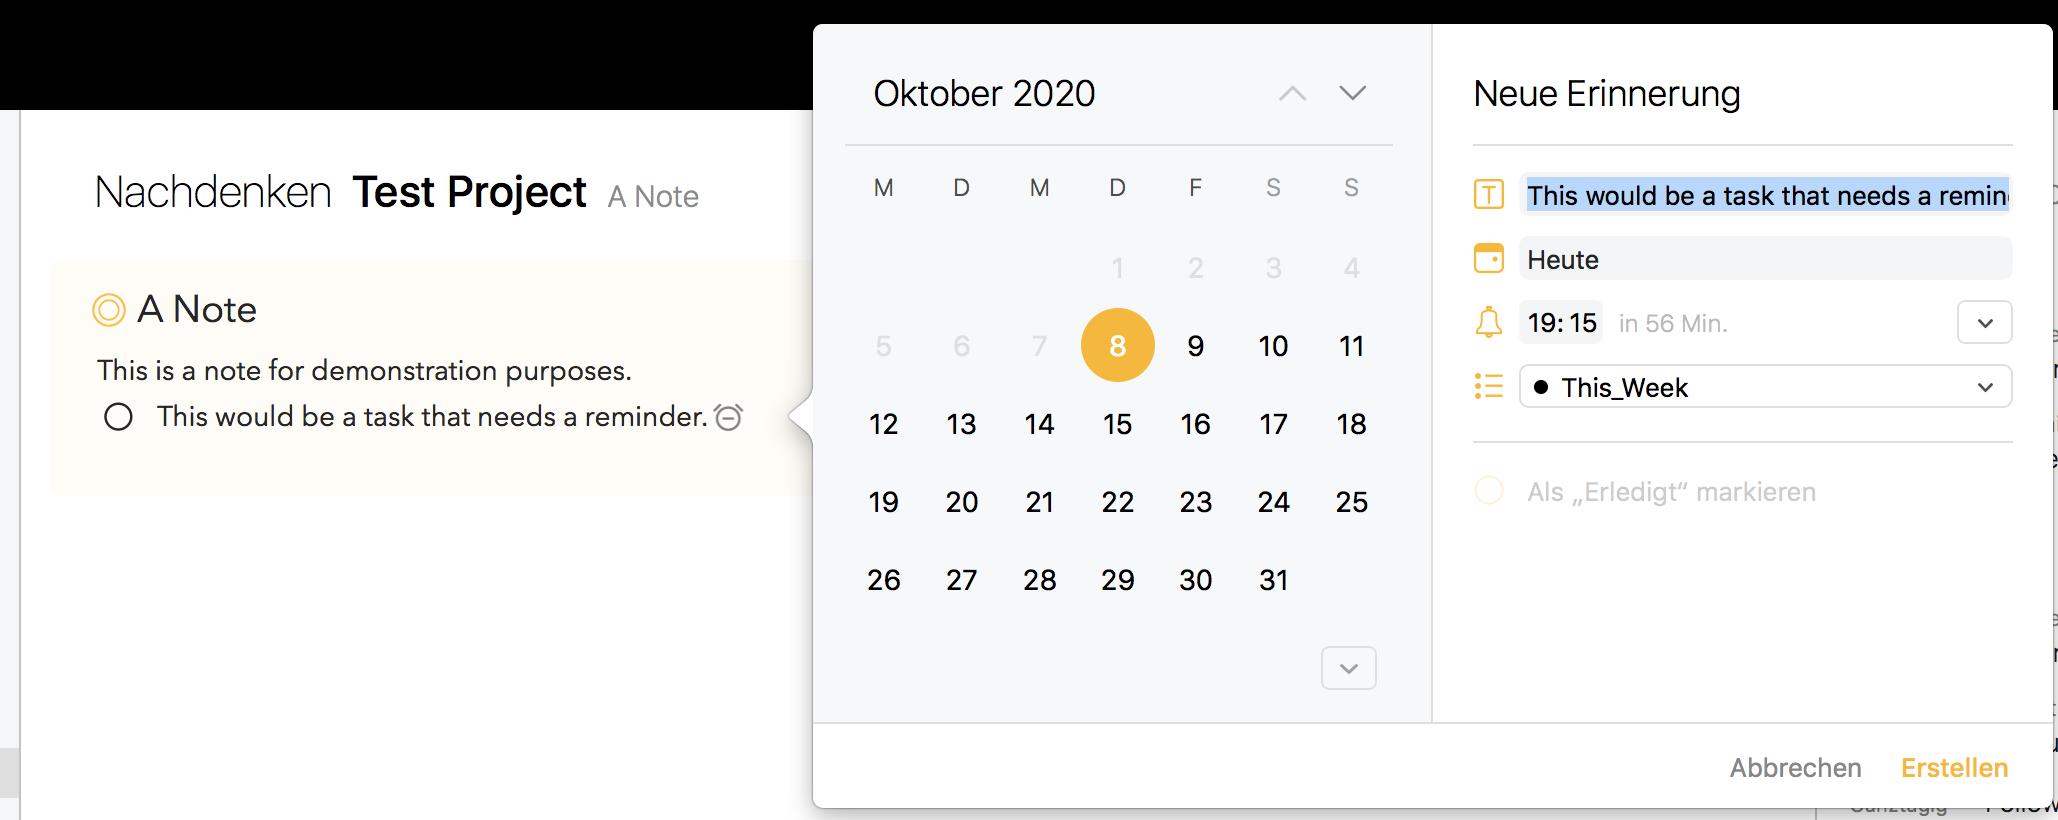 Bildschirmfoto 2020-10-08 um 18.18.38